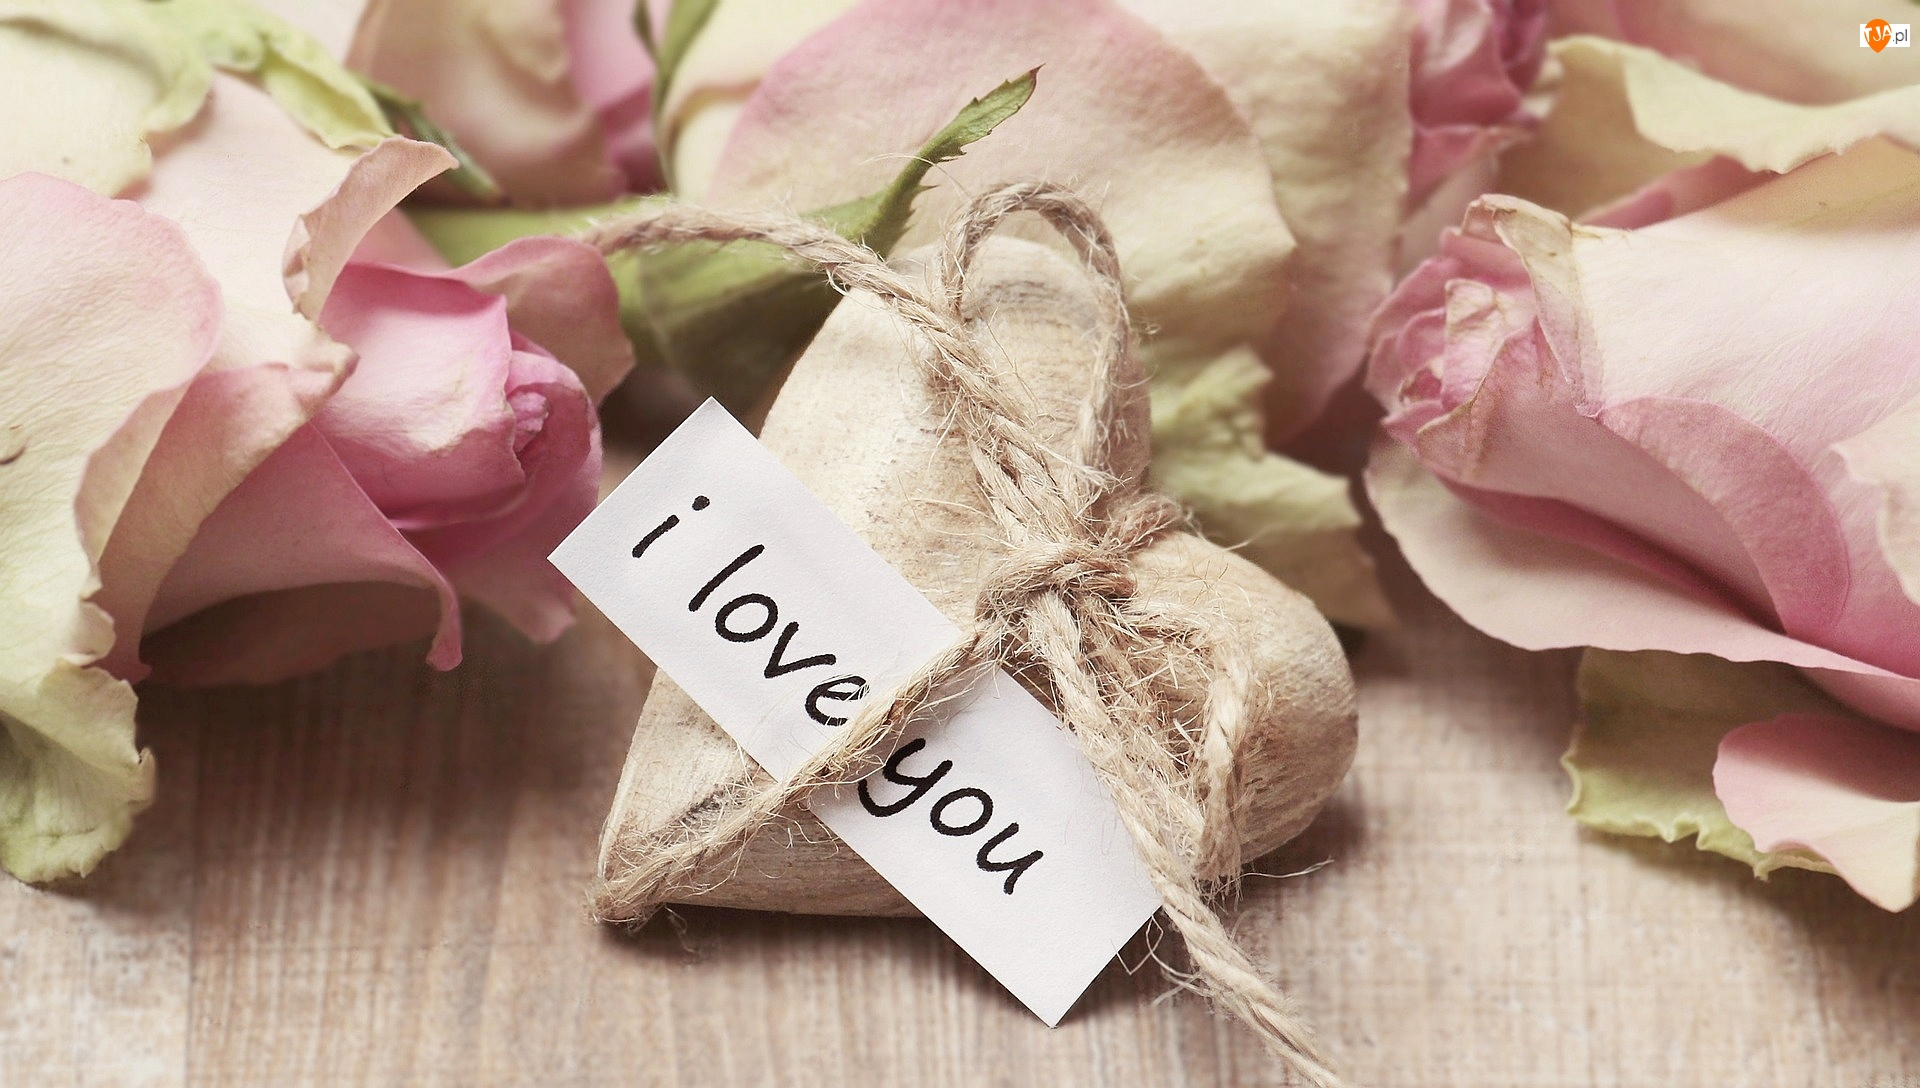 Wyznanie, Sznurek, Róże, Kwiaty, Miłość, Serduszko, Napis